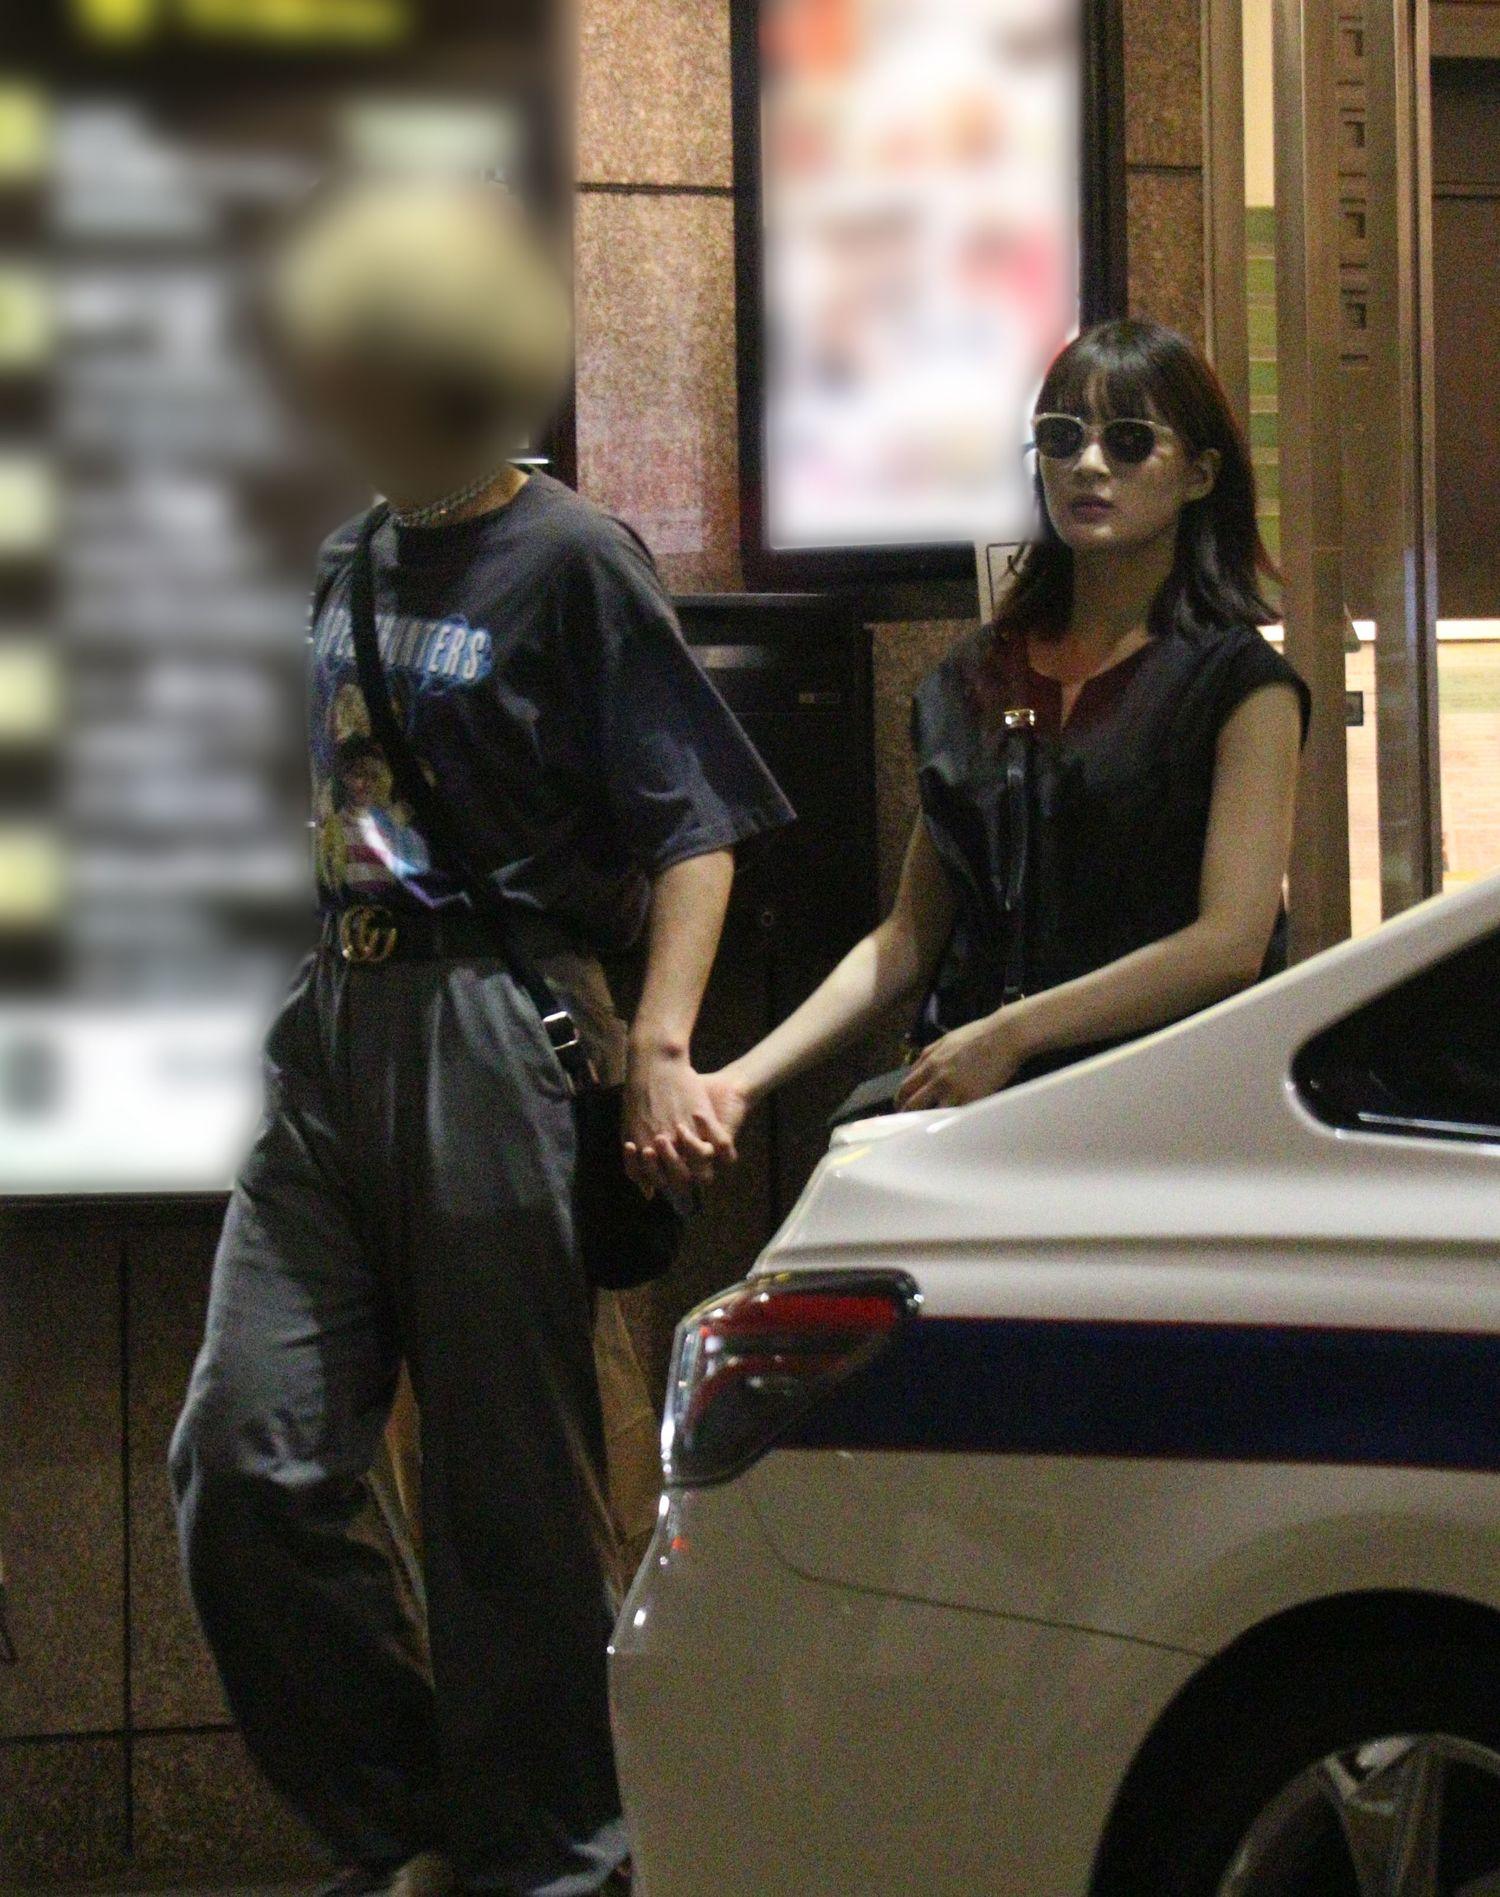 銀座の高級しゃぶしゃぶ店から姿を現すA氏と織田 ©文藝春秋